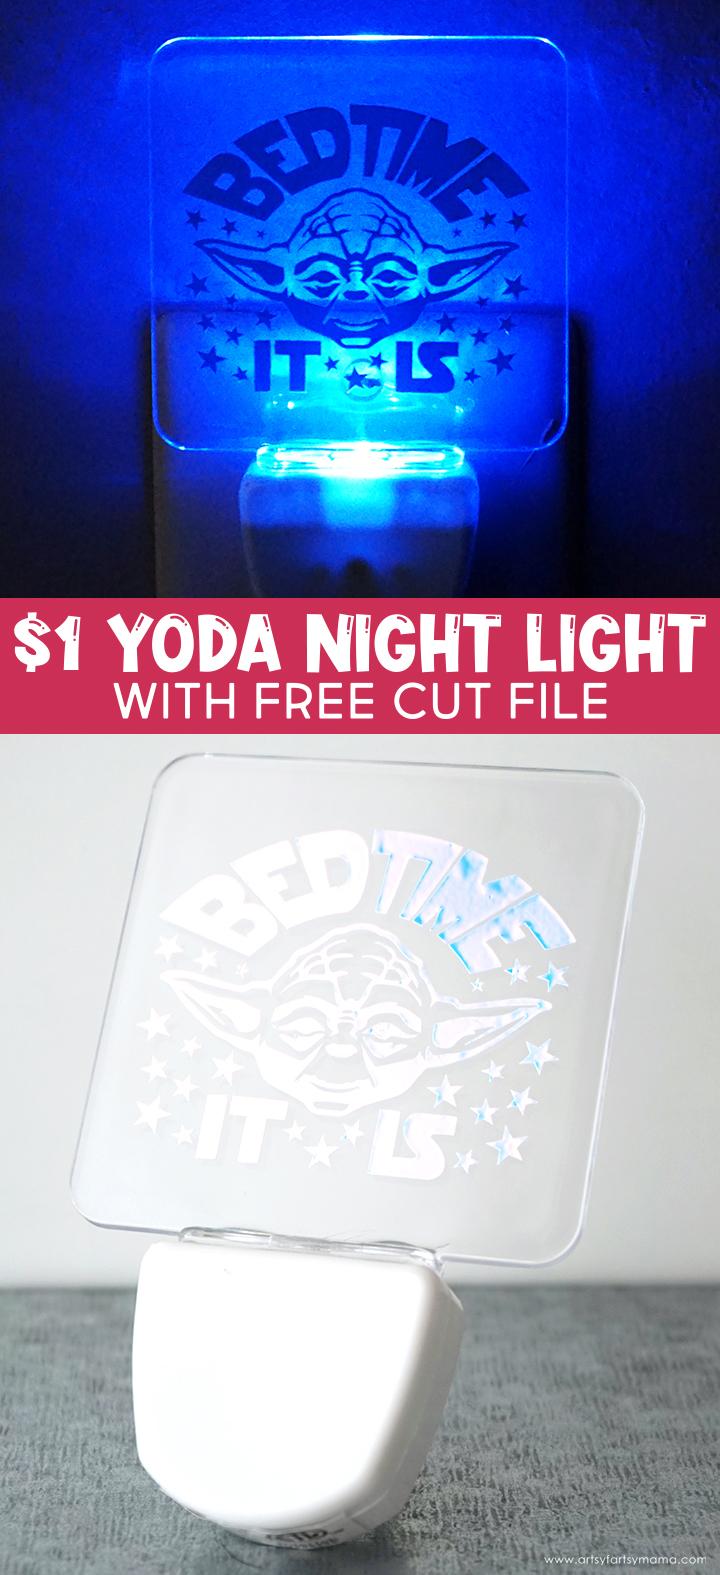 $1 Yoda Night Light with Free Cut File